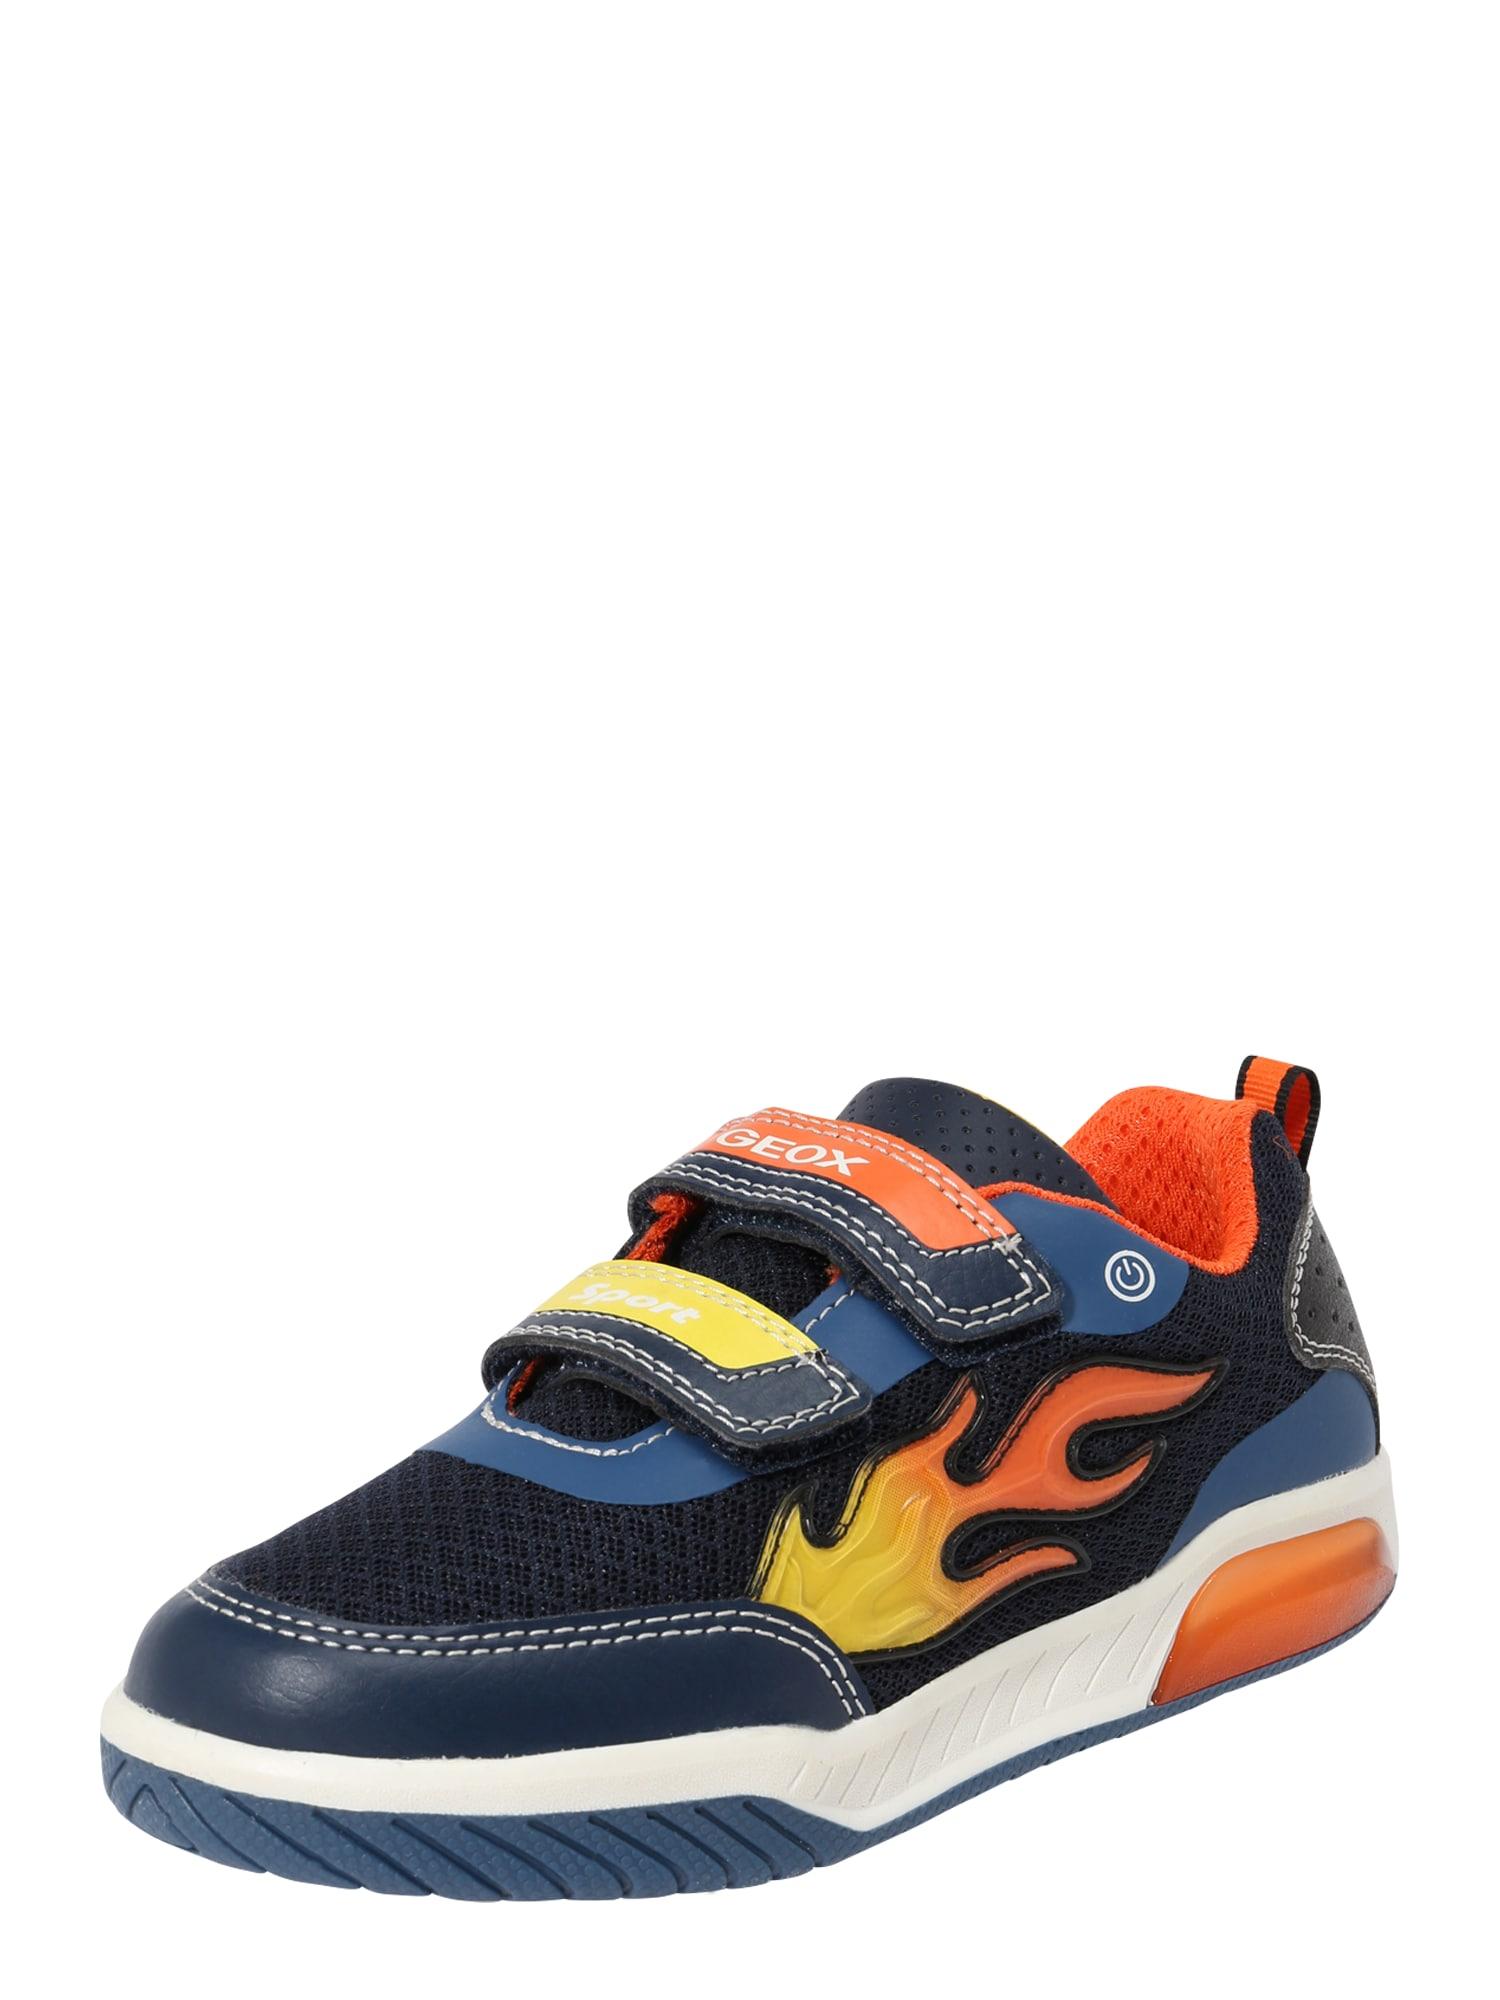 Tenisky Inek námořnická modř žlutá oranžová bílá GEOX Kids